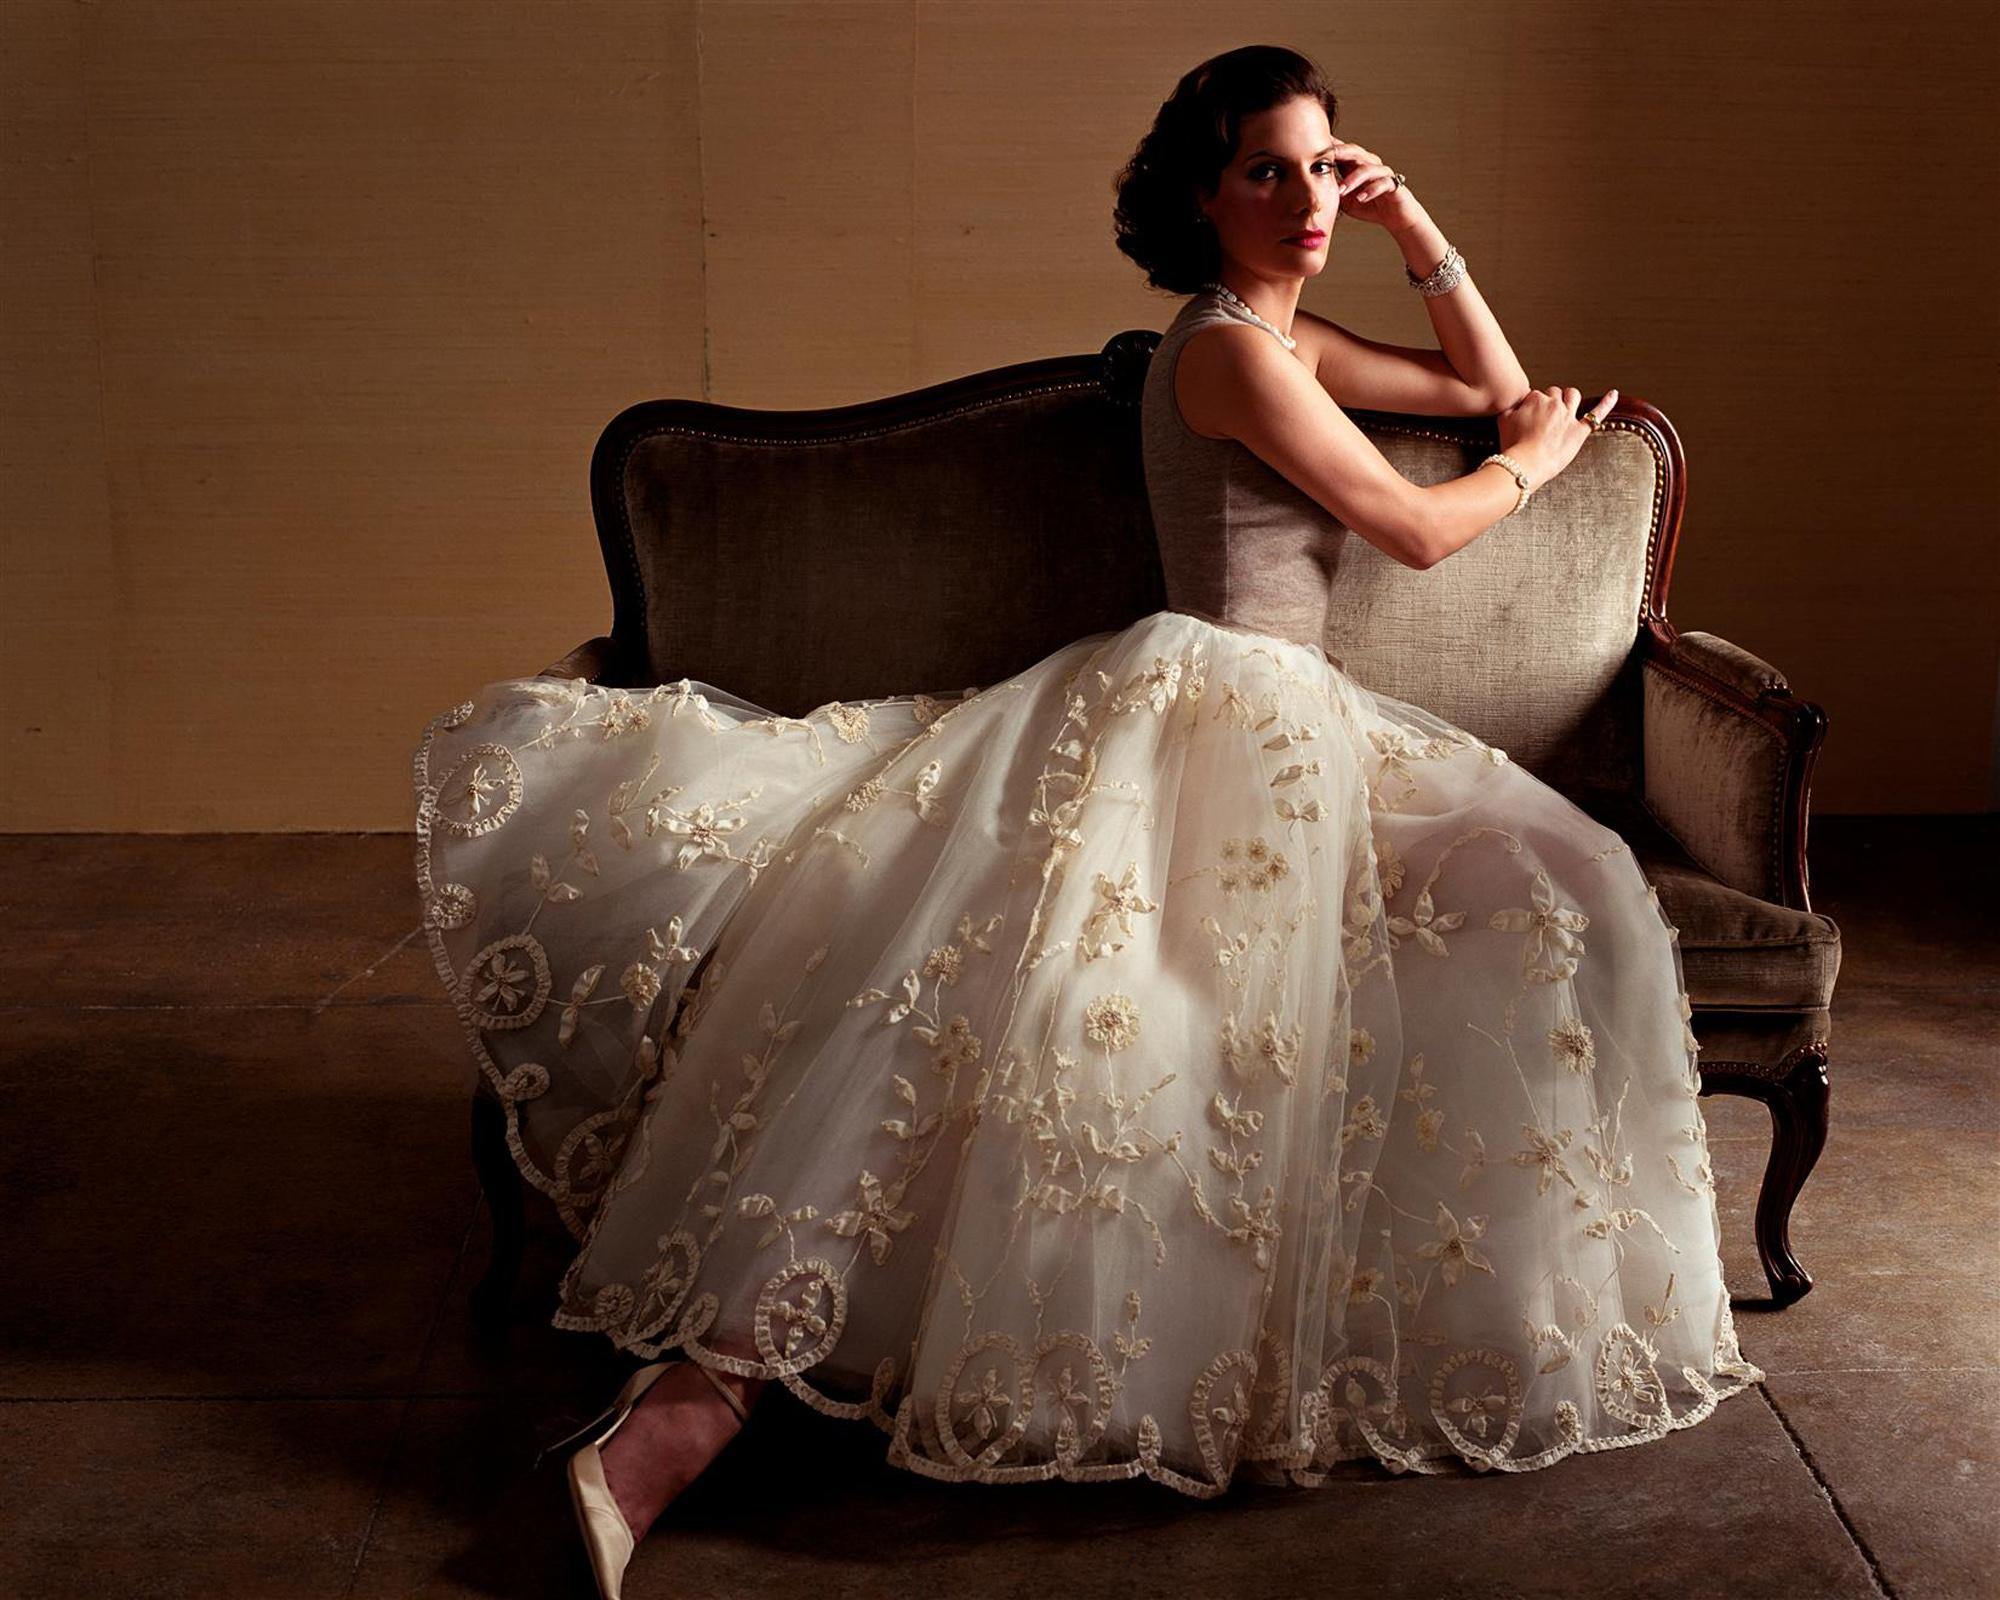 Фото женщин в пышных платьях